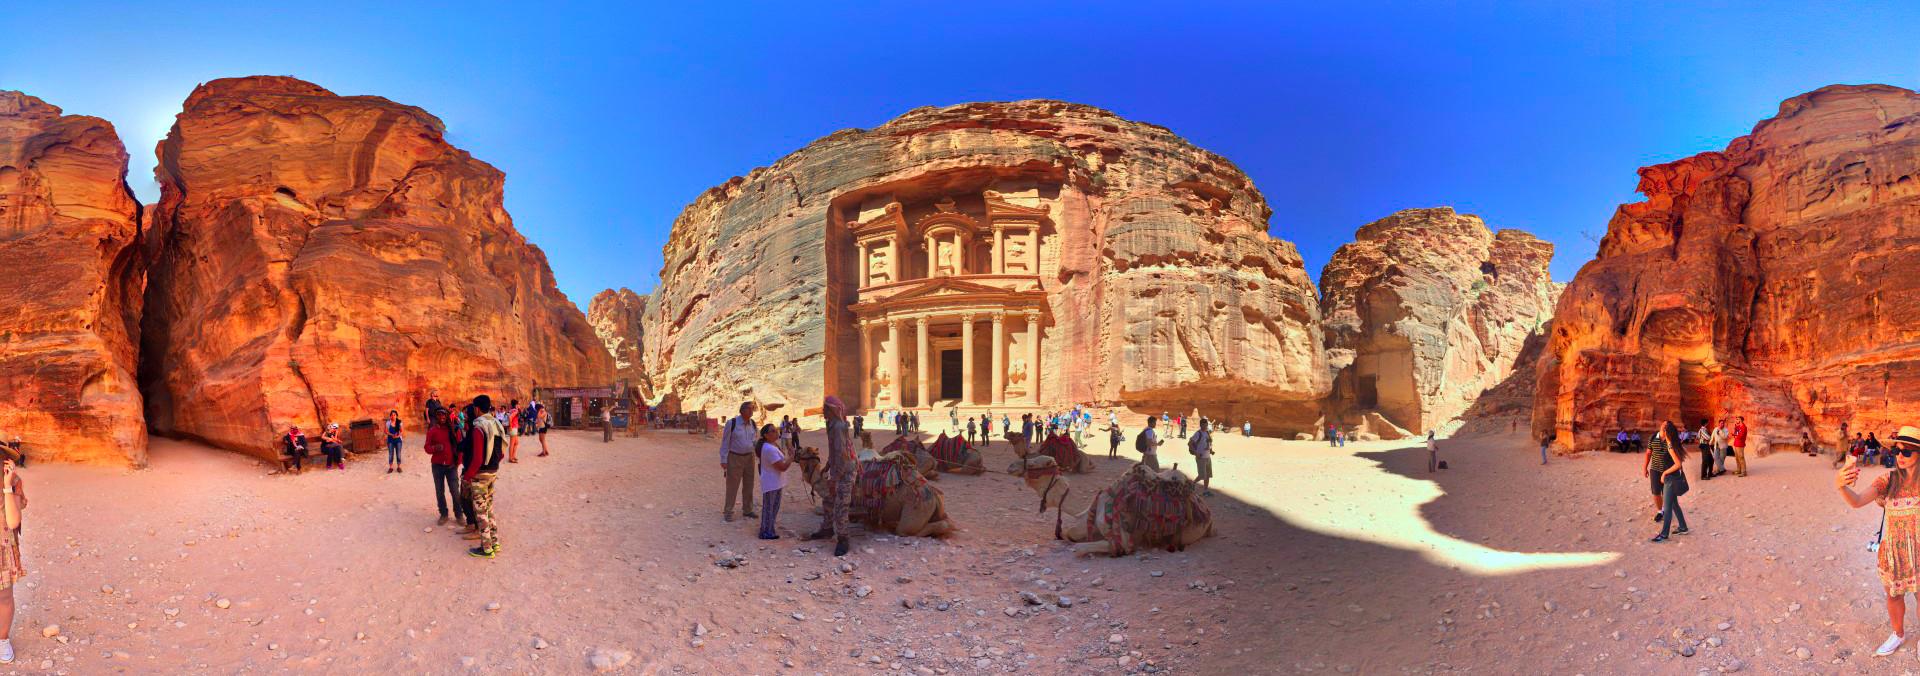 El Tesoro de Petra, Jordania petra, jordania - 28271126912 54f4f0a851 o - Petra, Jordania